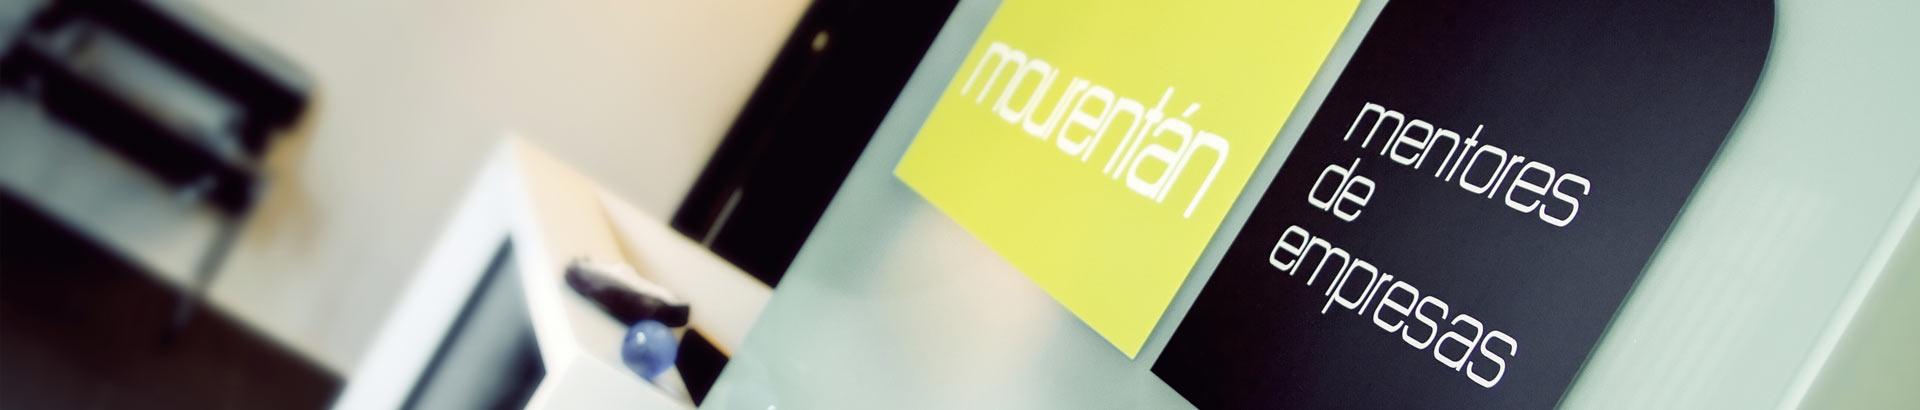 Mourentan - mentores de empresas